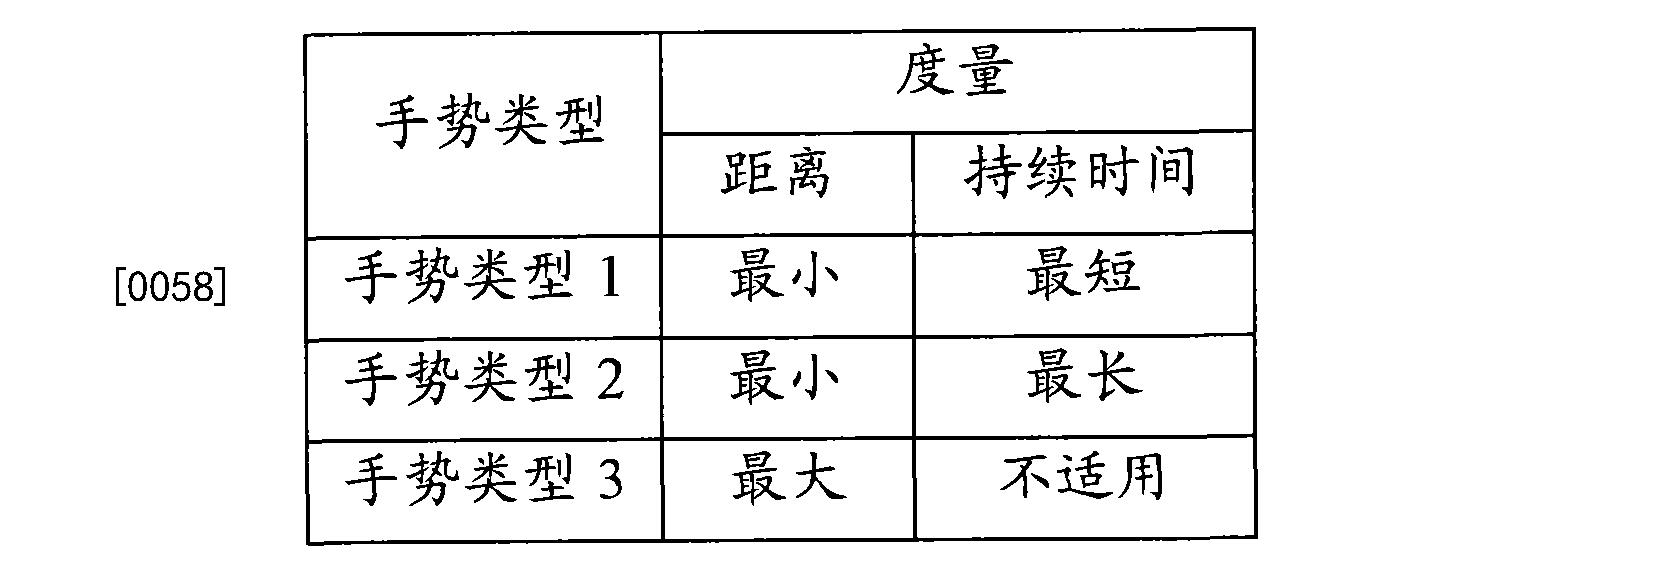 Figure CN103529976BD00101